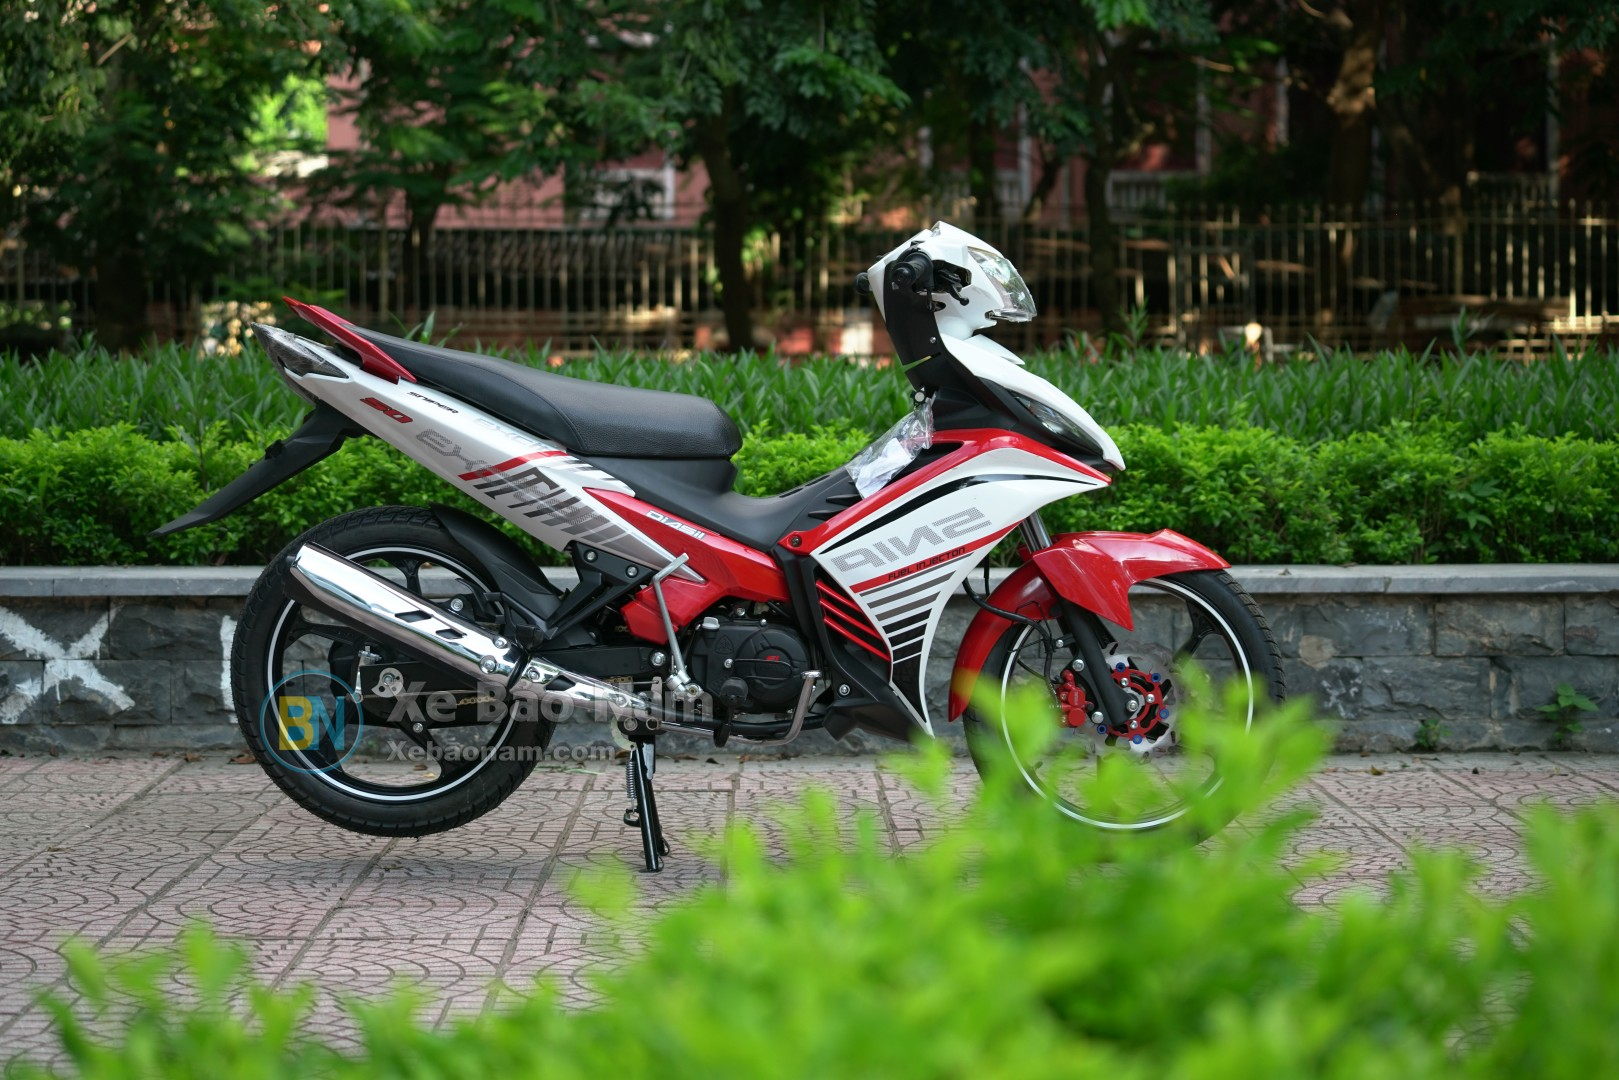 xe-may-exciter-50cc-xebaonam(12)